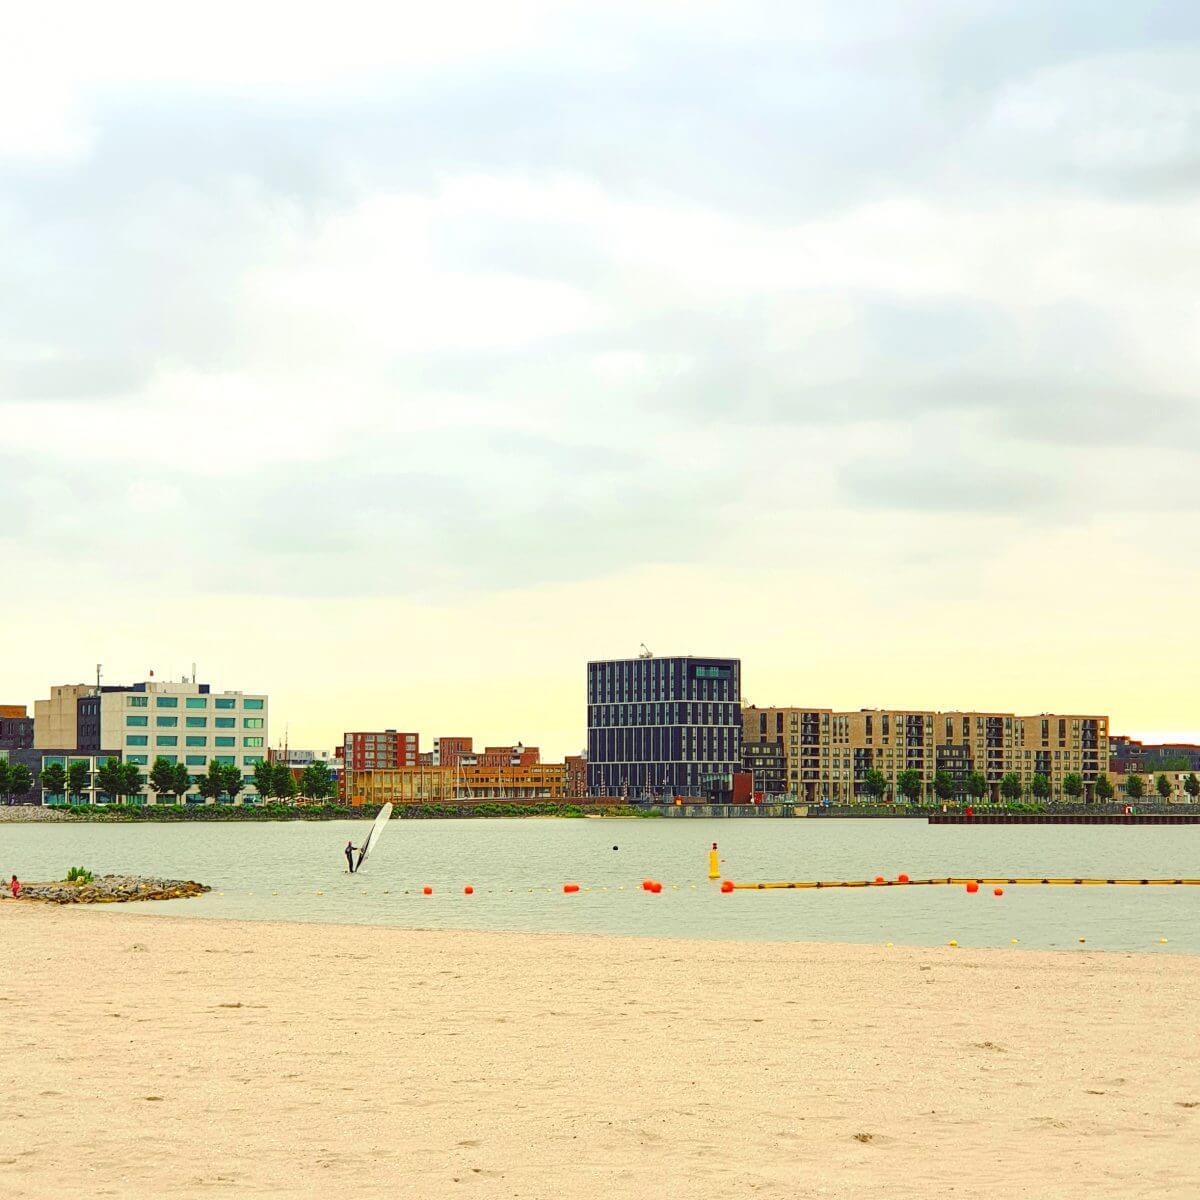 Het nieuwe strand van Amsterdam IJburg, op de rand van Centrumeiland en Strandeiland